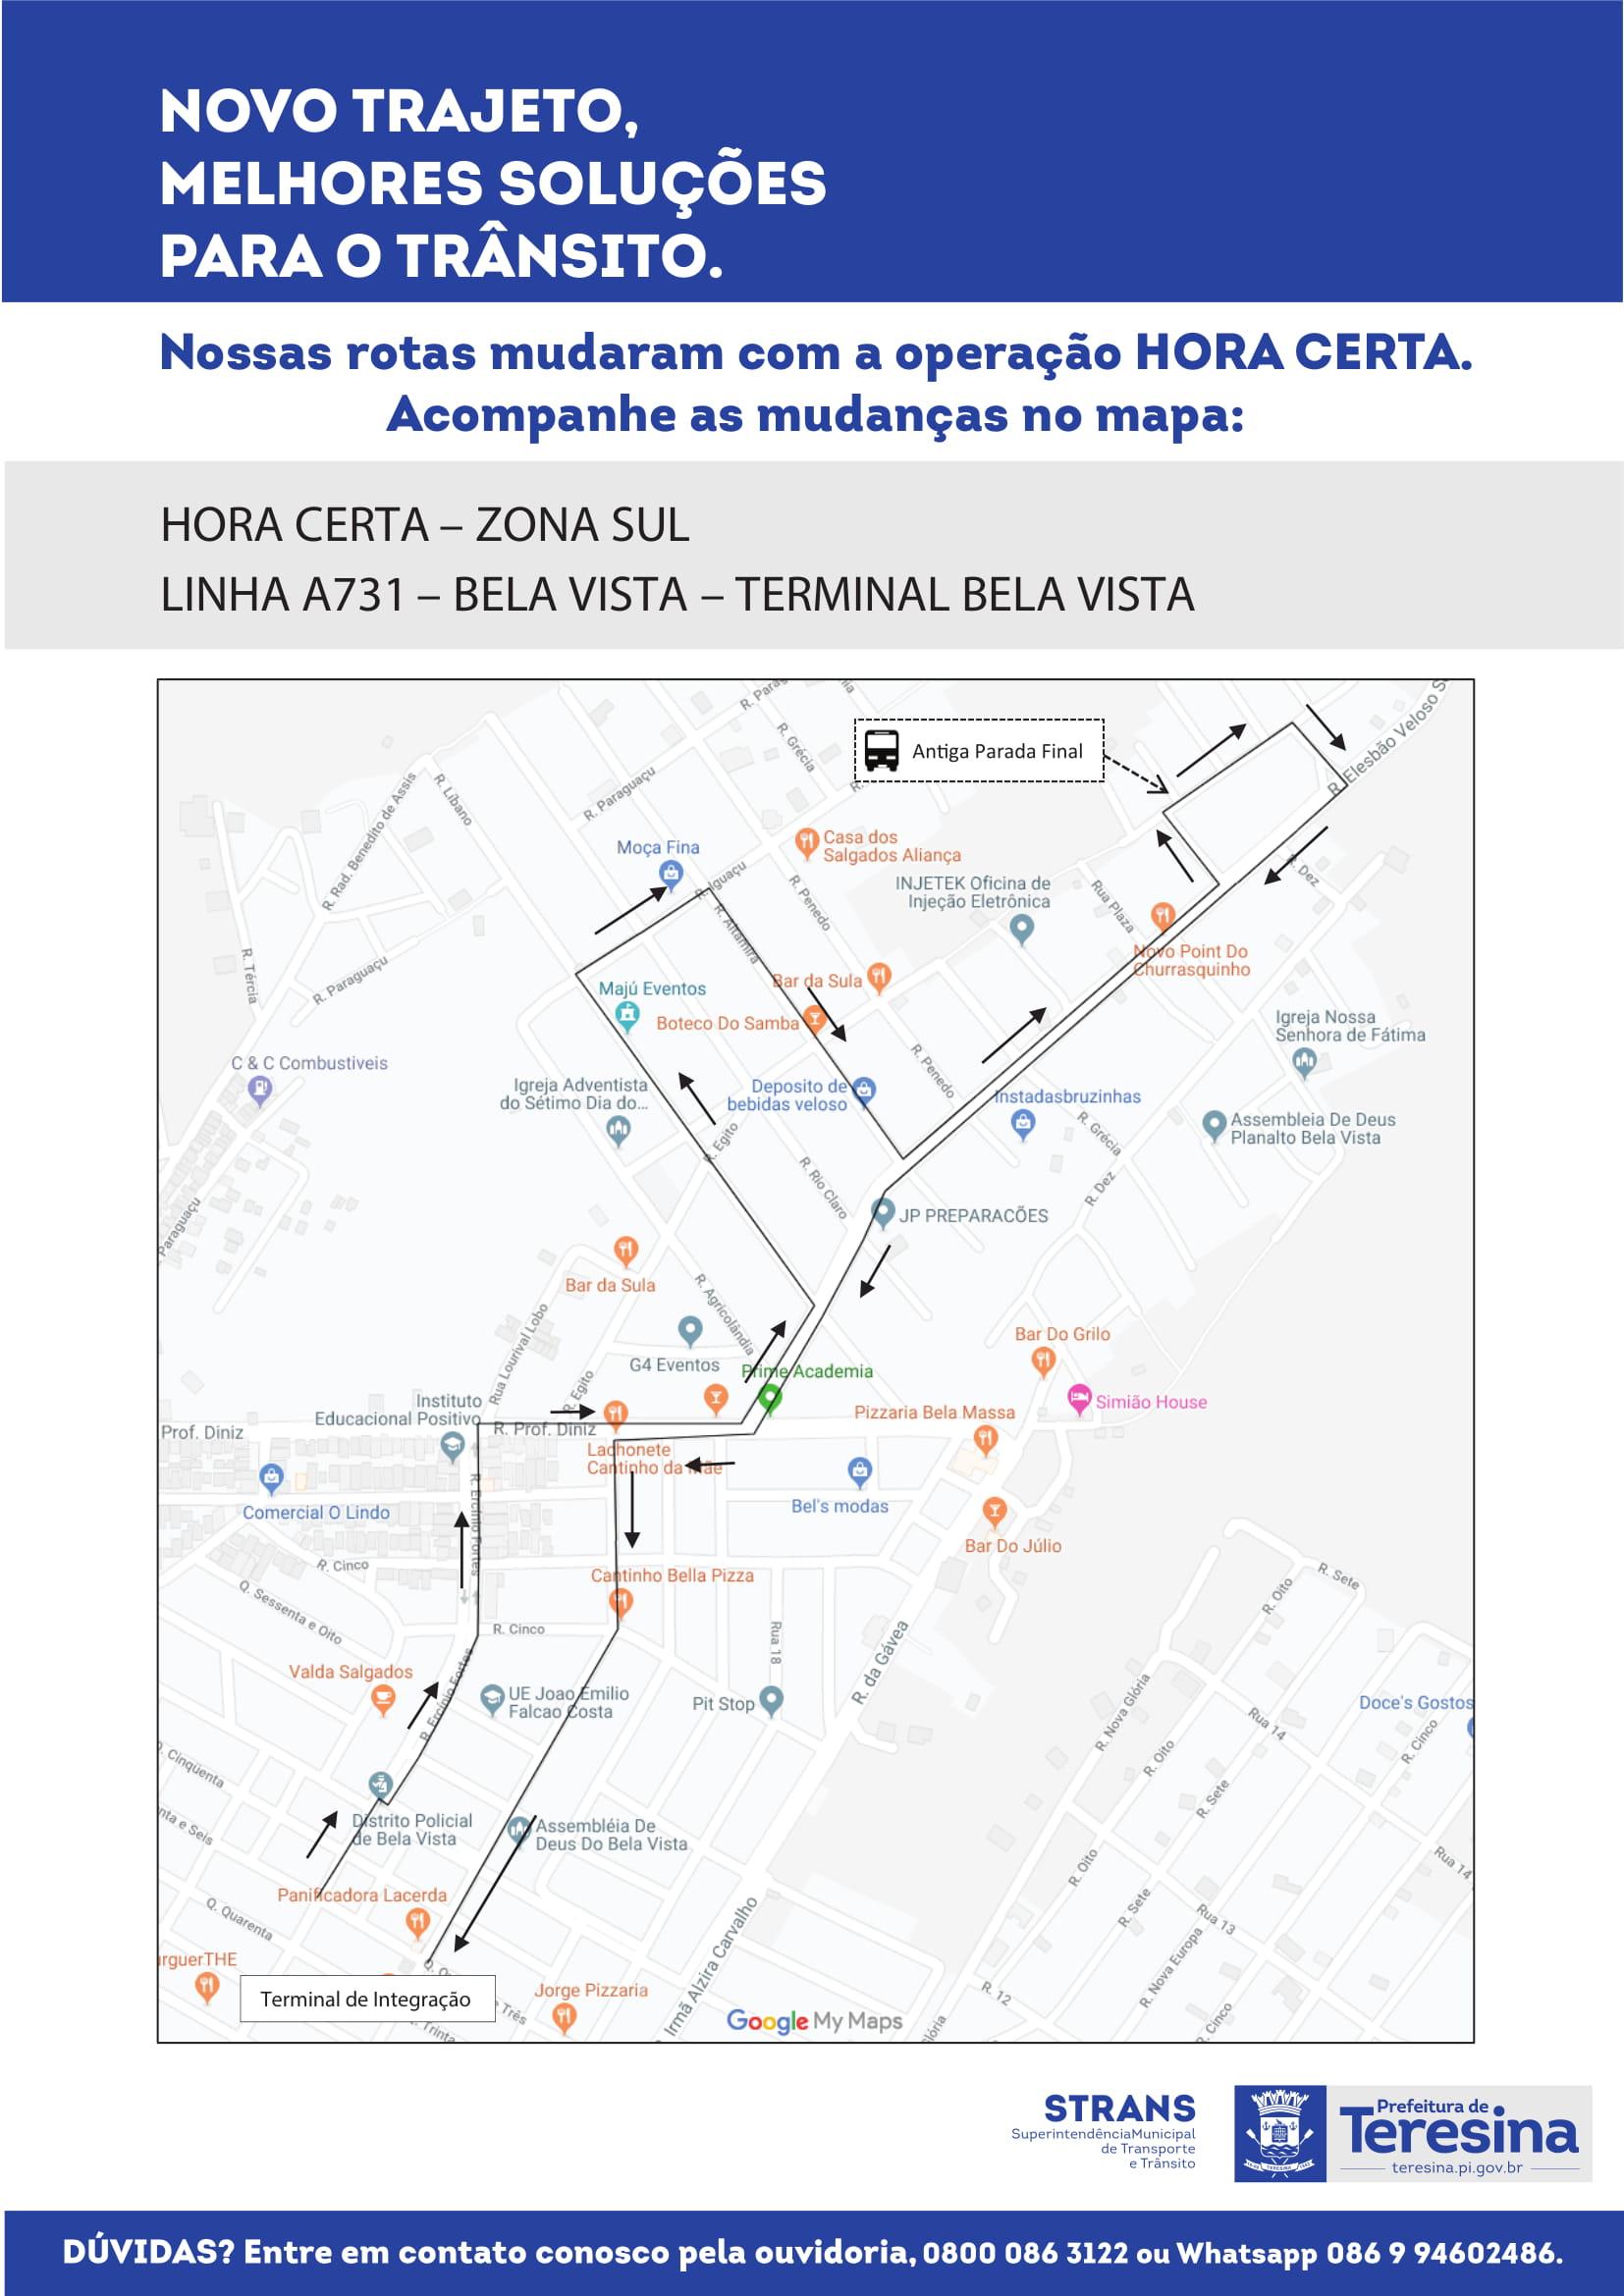 MAPAS-LINHAS-ZONA-SUL-110719-01